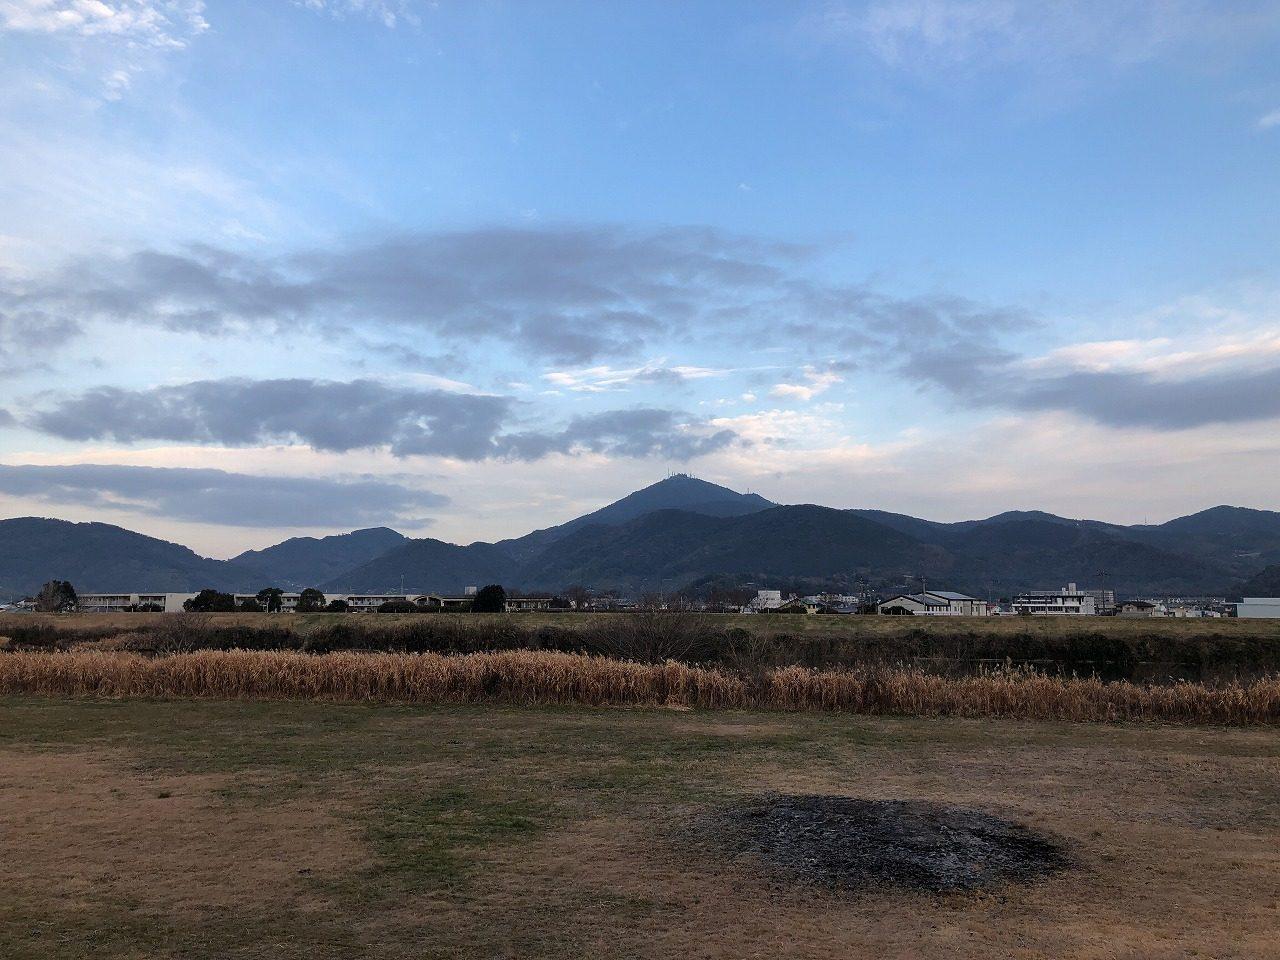 2019.1.17今朝の金峰山です。